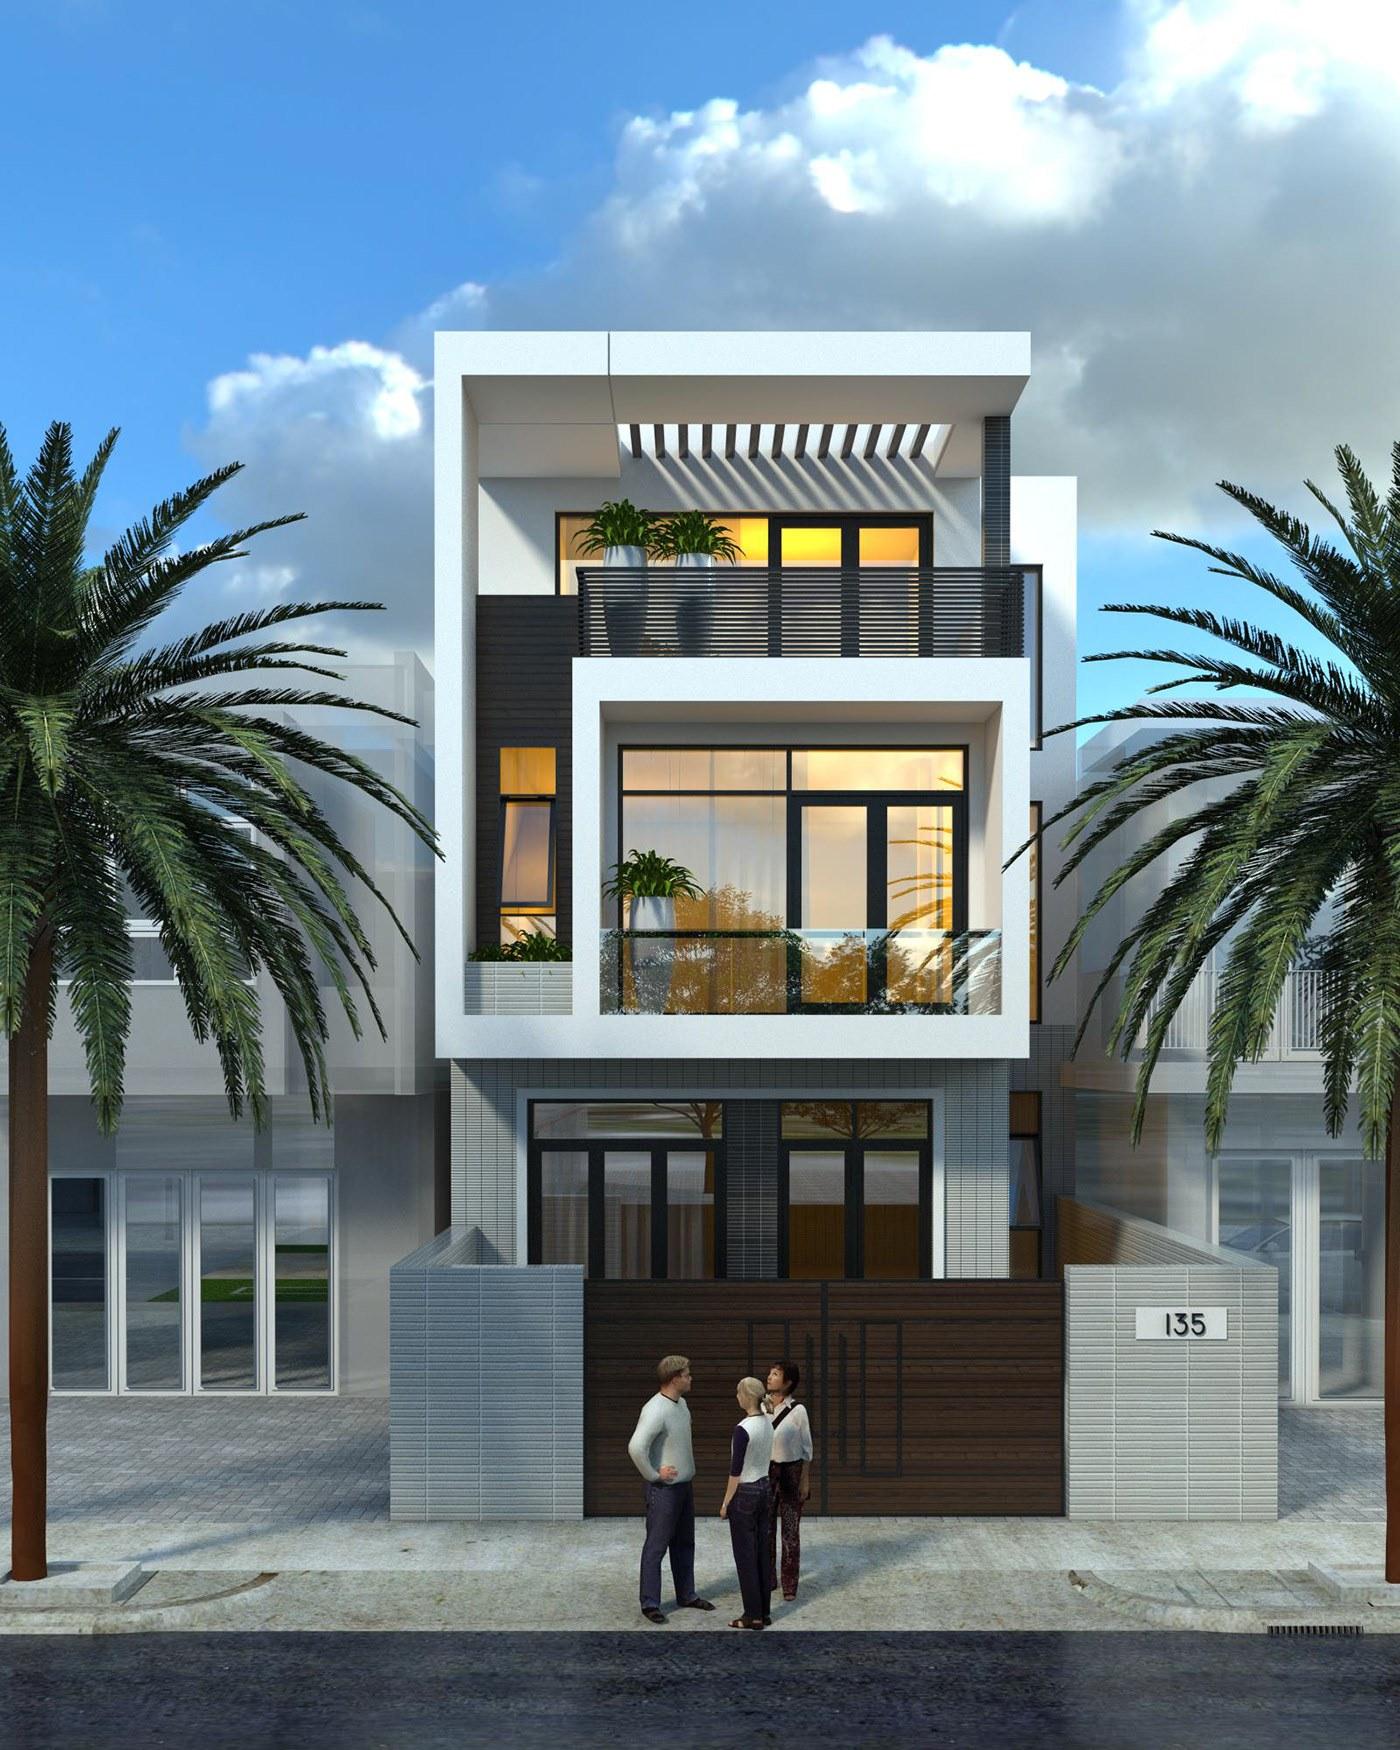 Nghiệm thu công trình sau khi hoàn thành thi công nhà phố